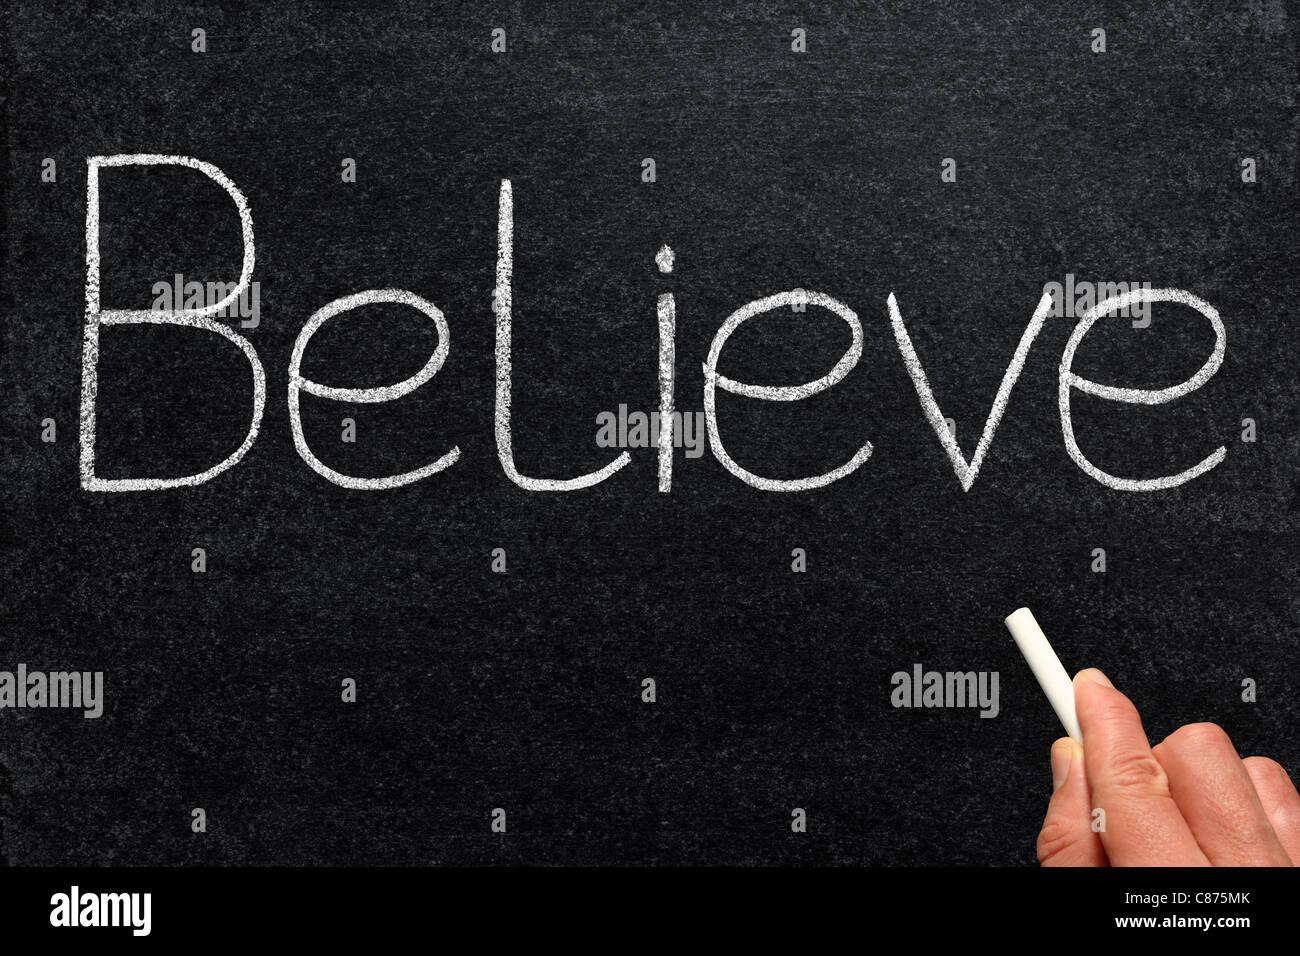 Believe, written with chalk on a blackboard. - Stock Image